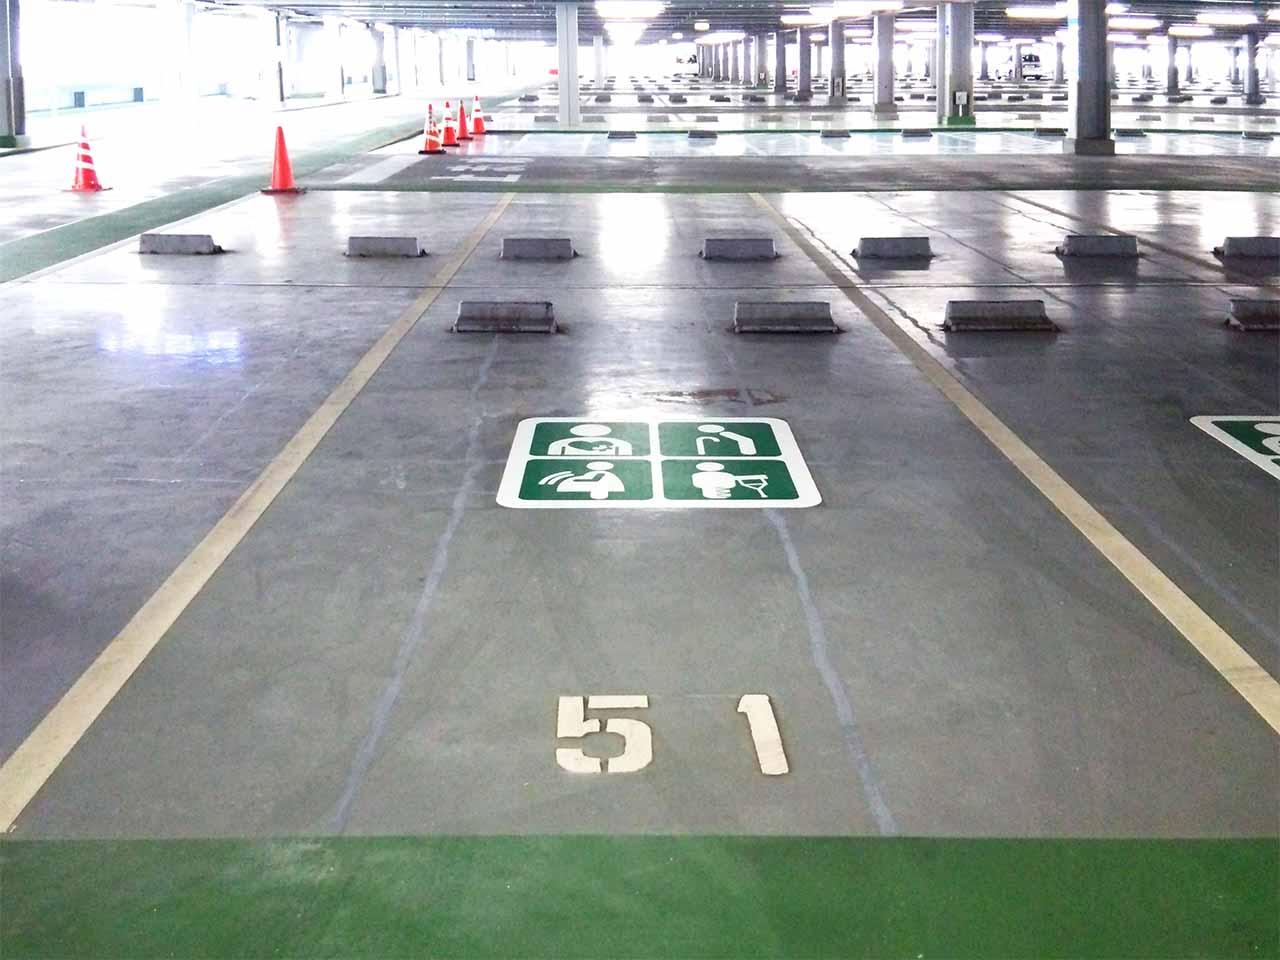 優先駐車マーク 【ゆずりあい駐車区画】